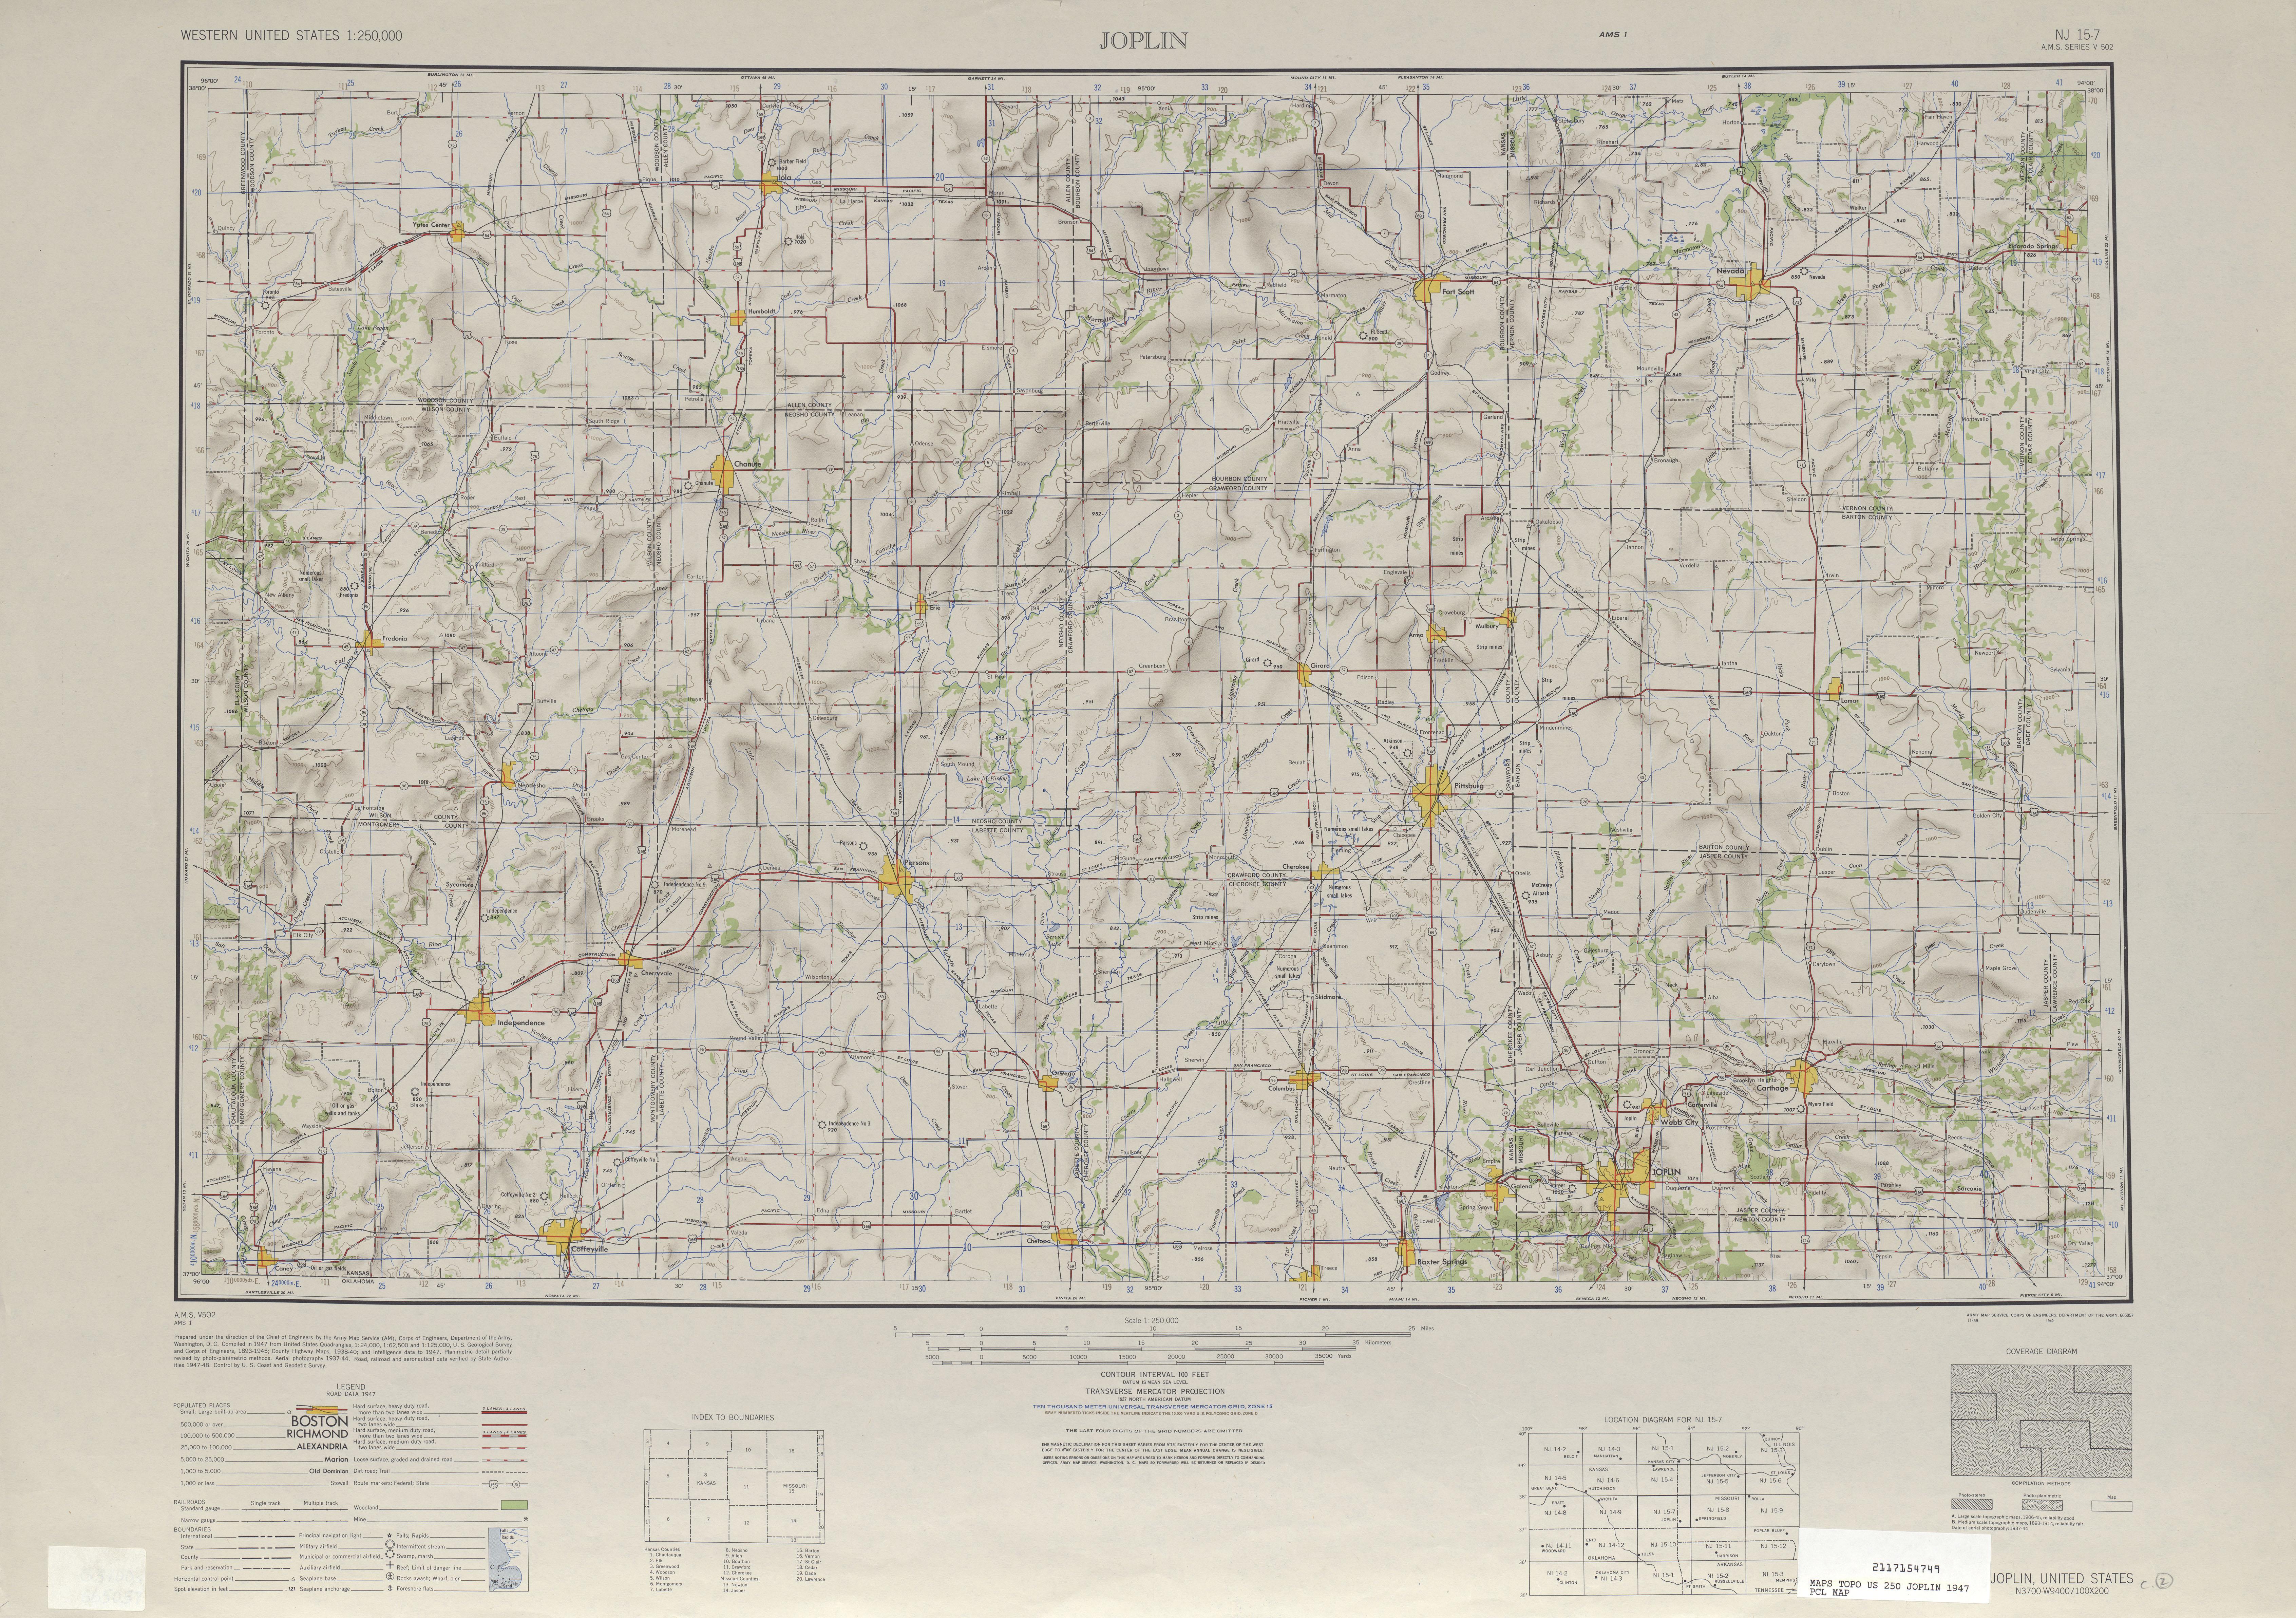 Hoja Joplin del Mapa de Relieve Sombreado de los Estados Unidos 1947